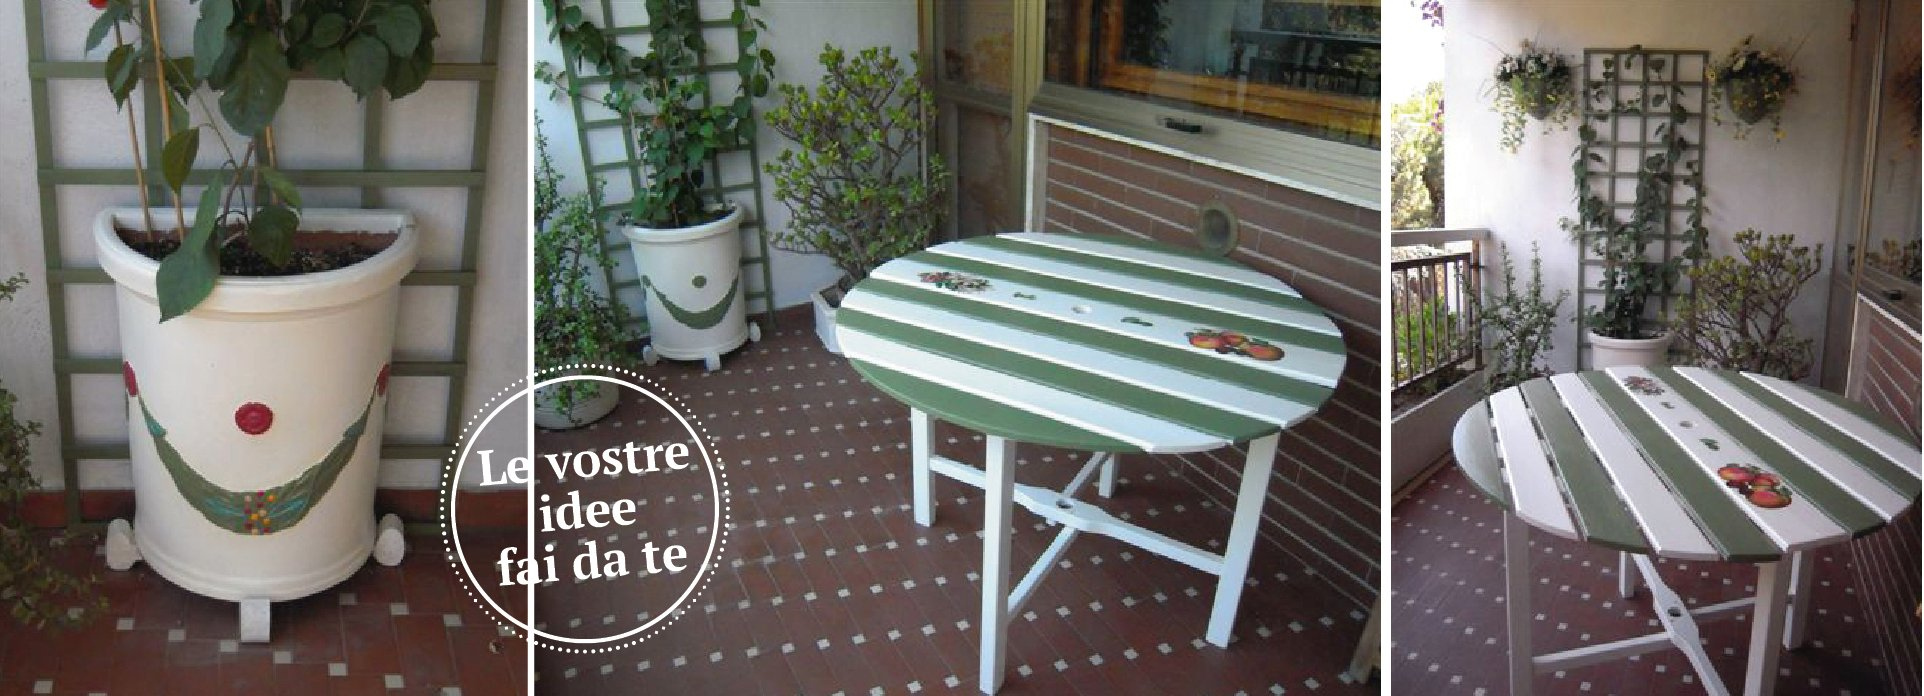 Tavolo e vaso da esterni coordinati cose di casa for Architetto fai da te